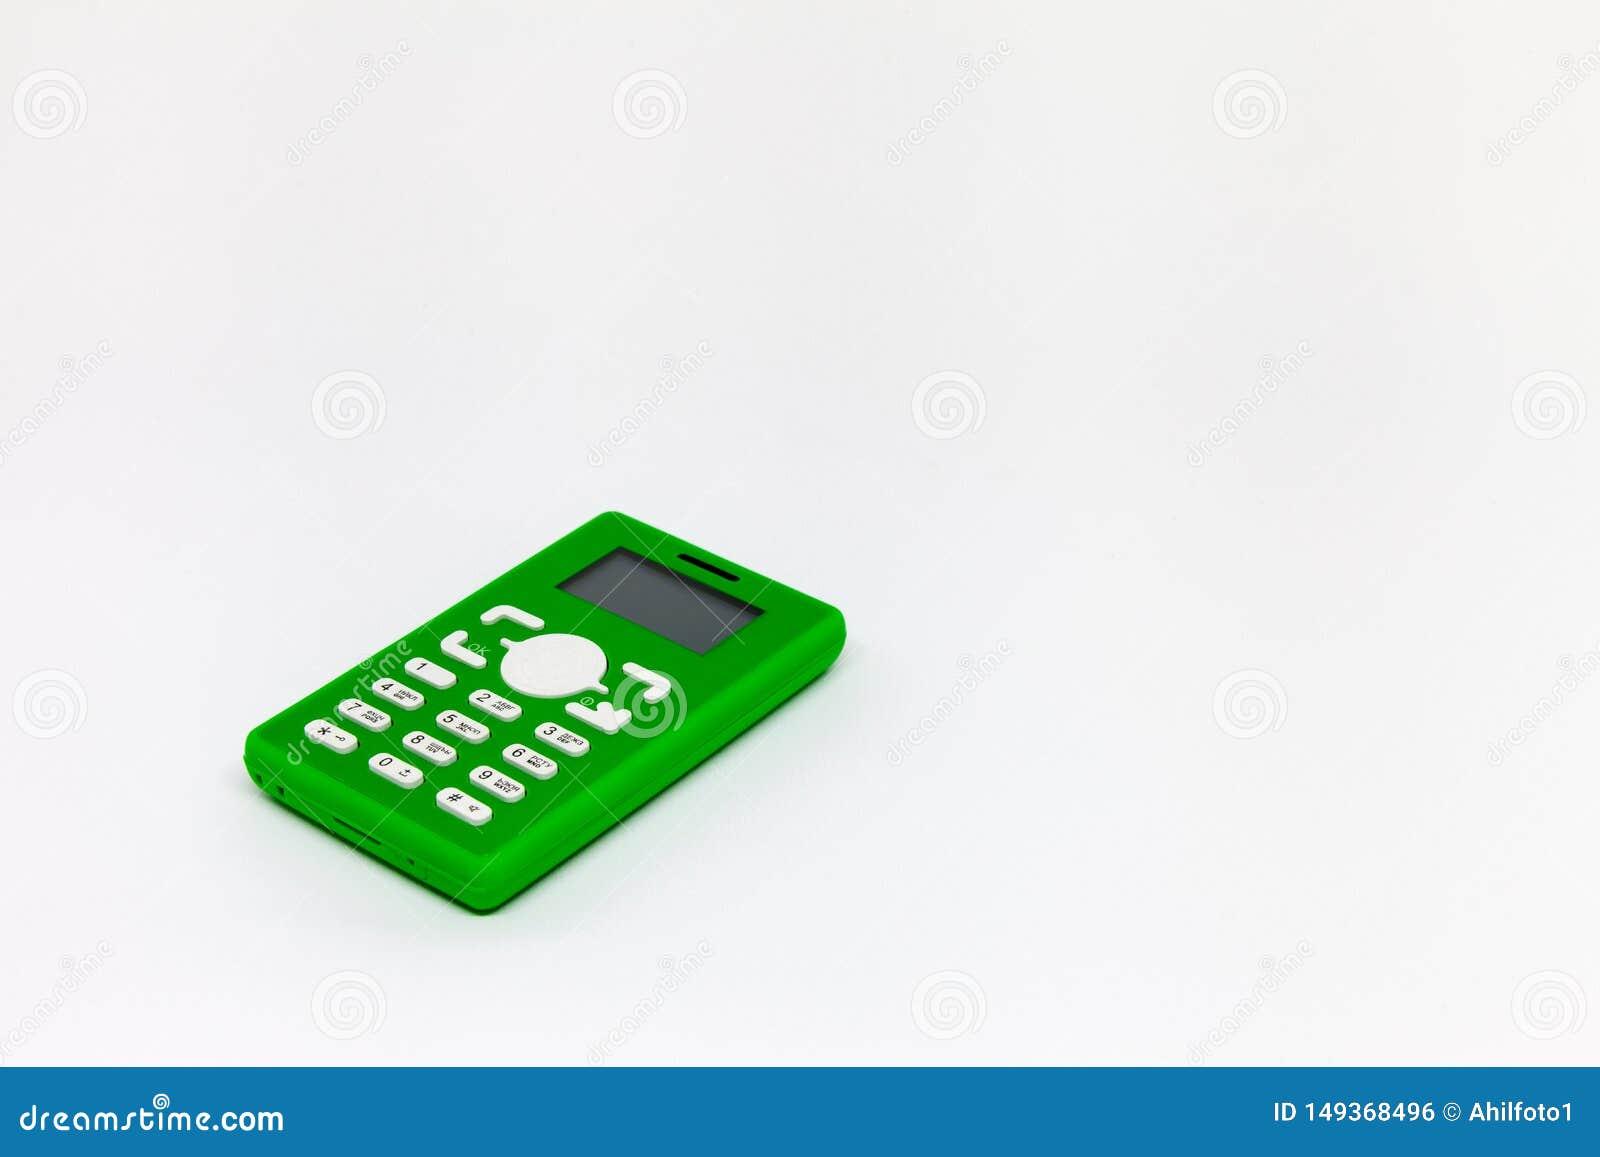 在白色背景的小绿色手机